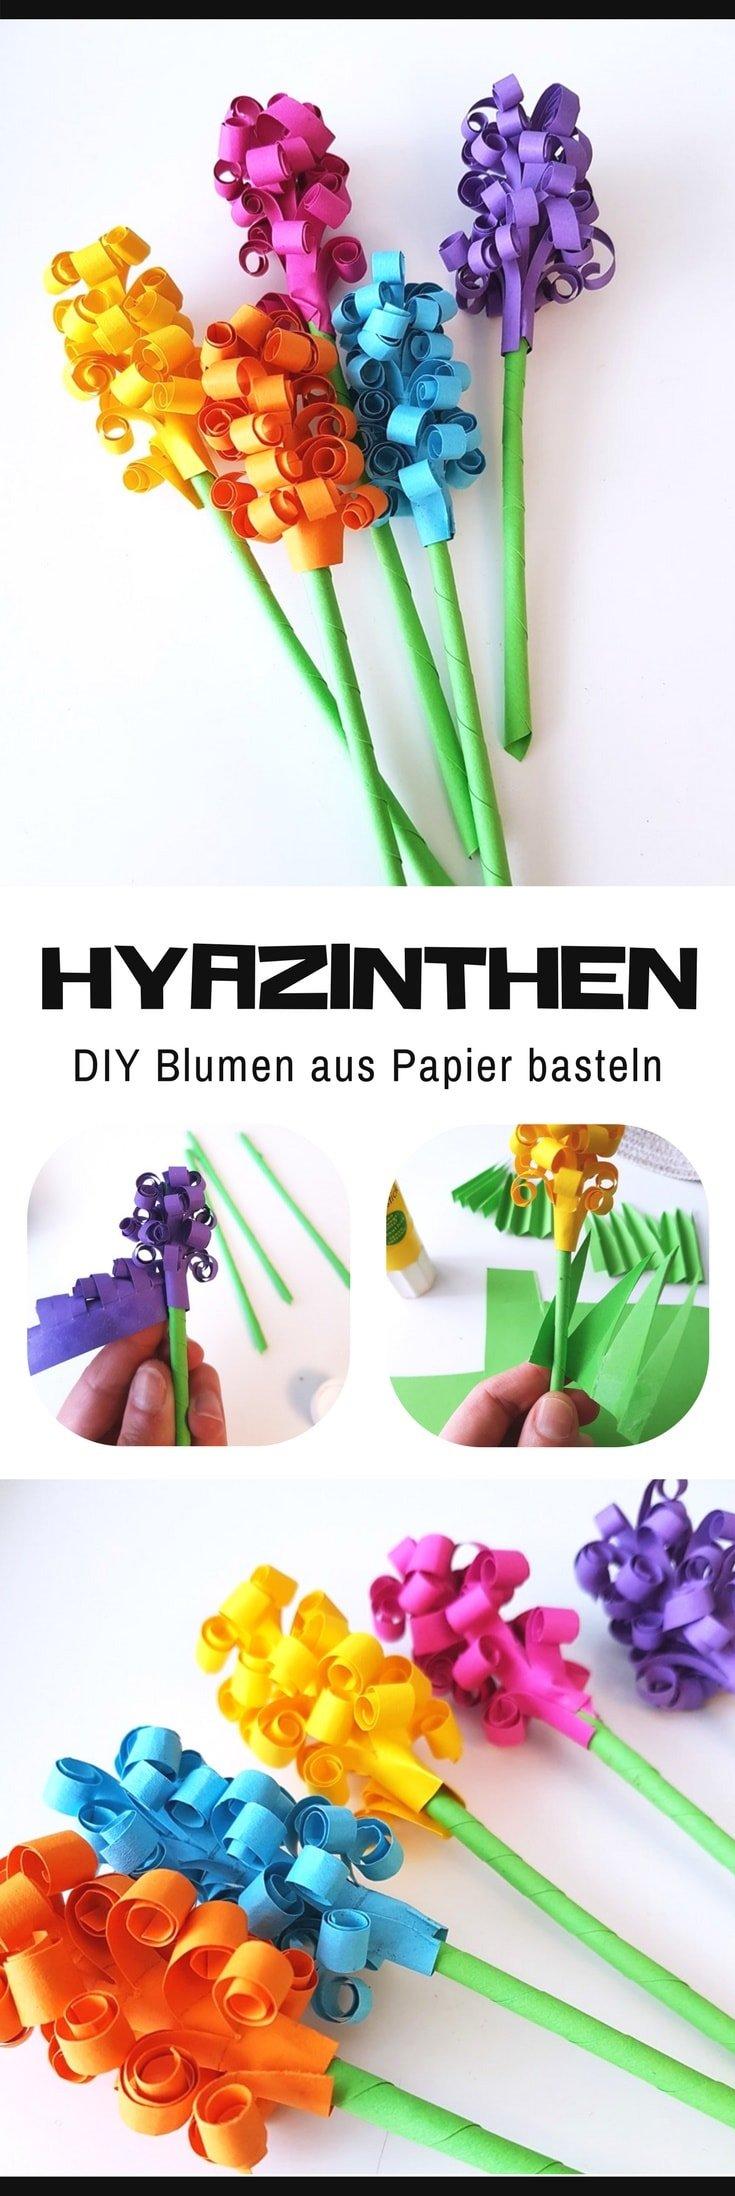 hyazinthen aus papier basteln diy blumen f r den fr hling. Black Bedroom Furniture Sets. Home Design Ideas